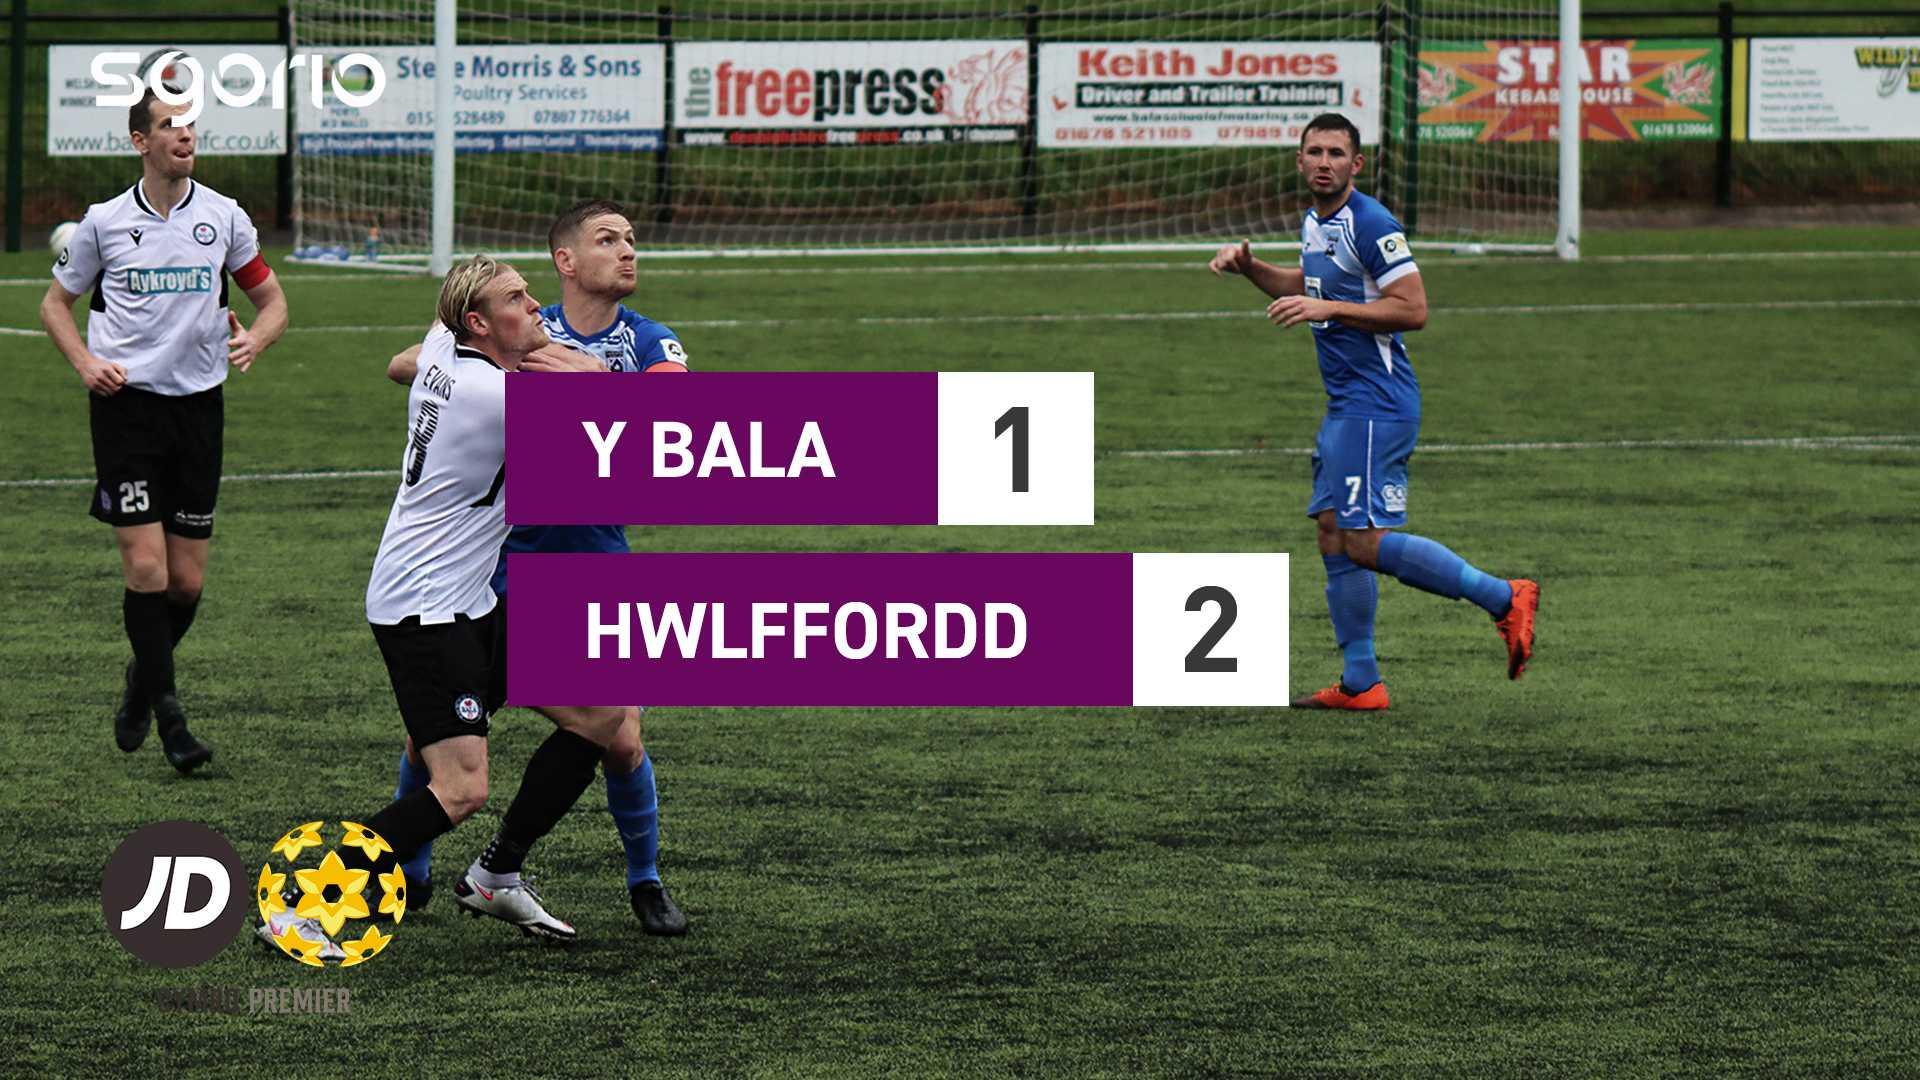 Y Bala 1-2 Hwlffordd